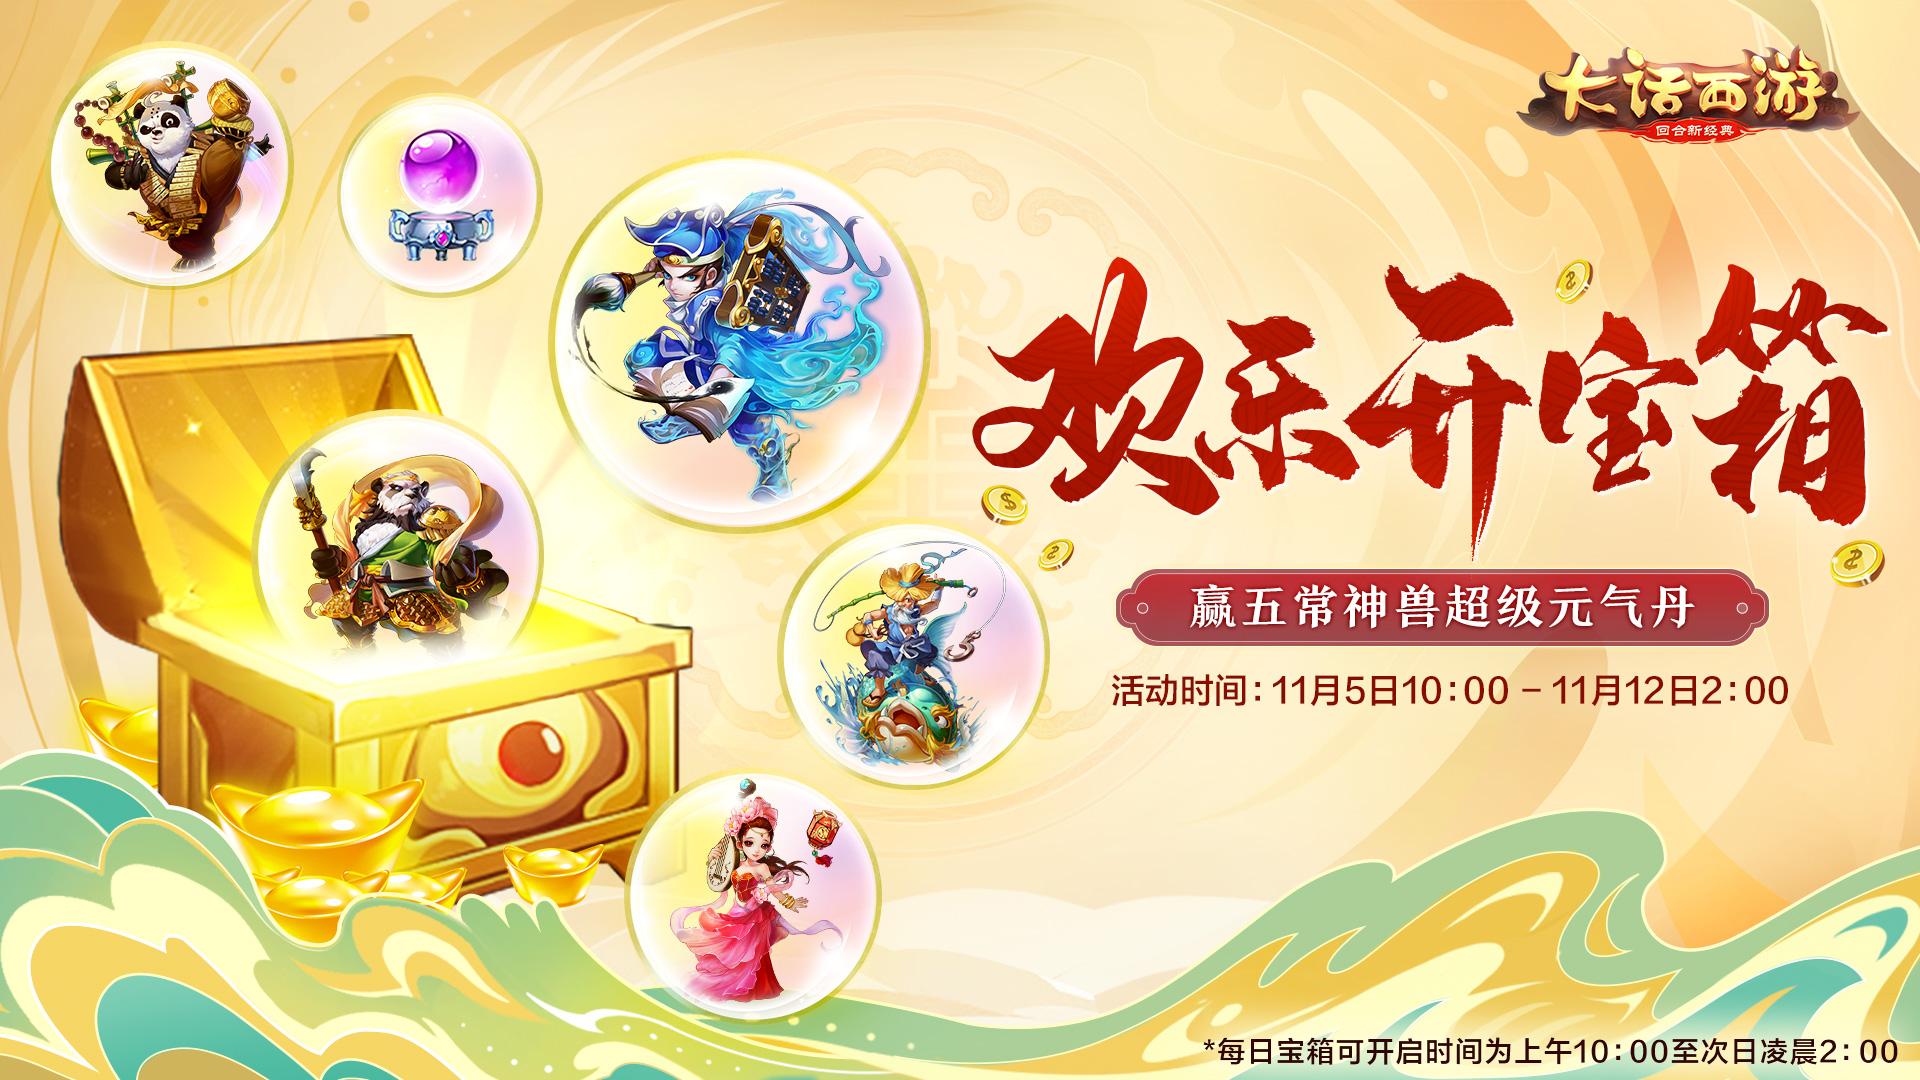 大话好物节今日开启 超值福利乐狂欢!